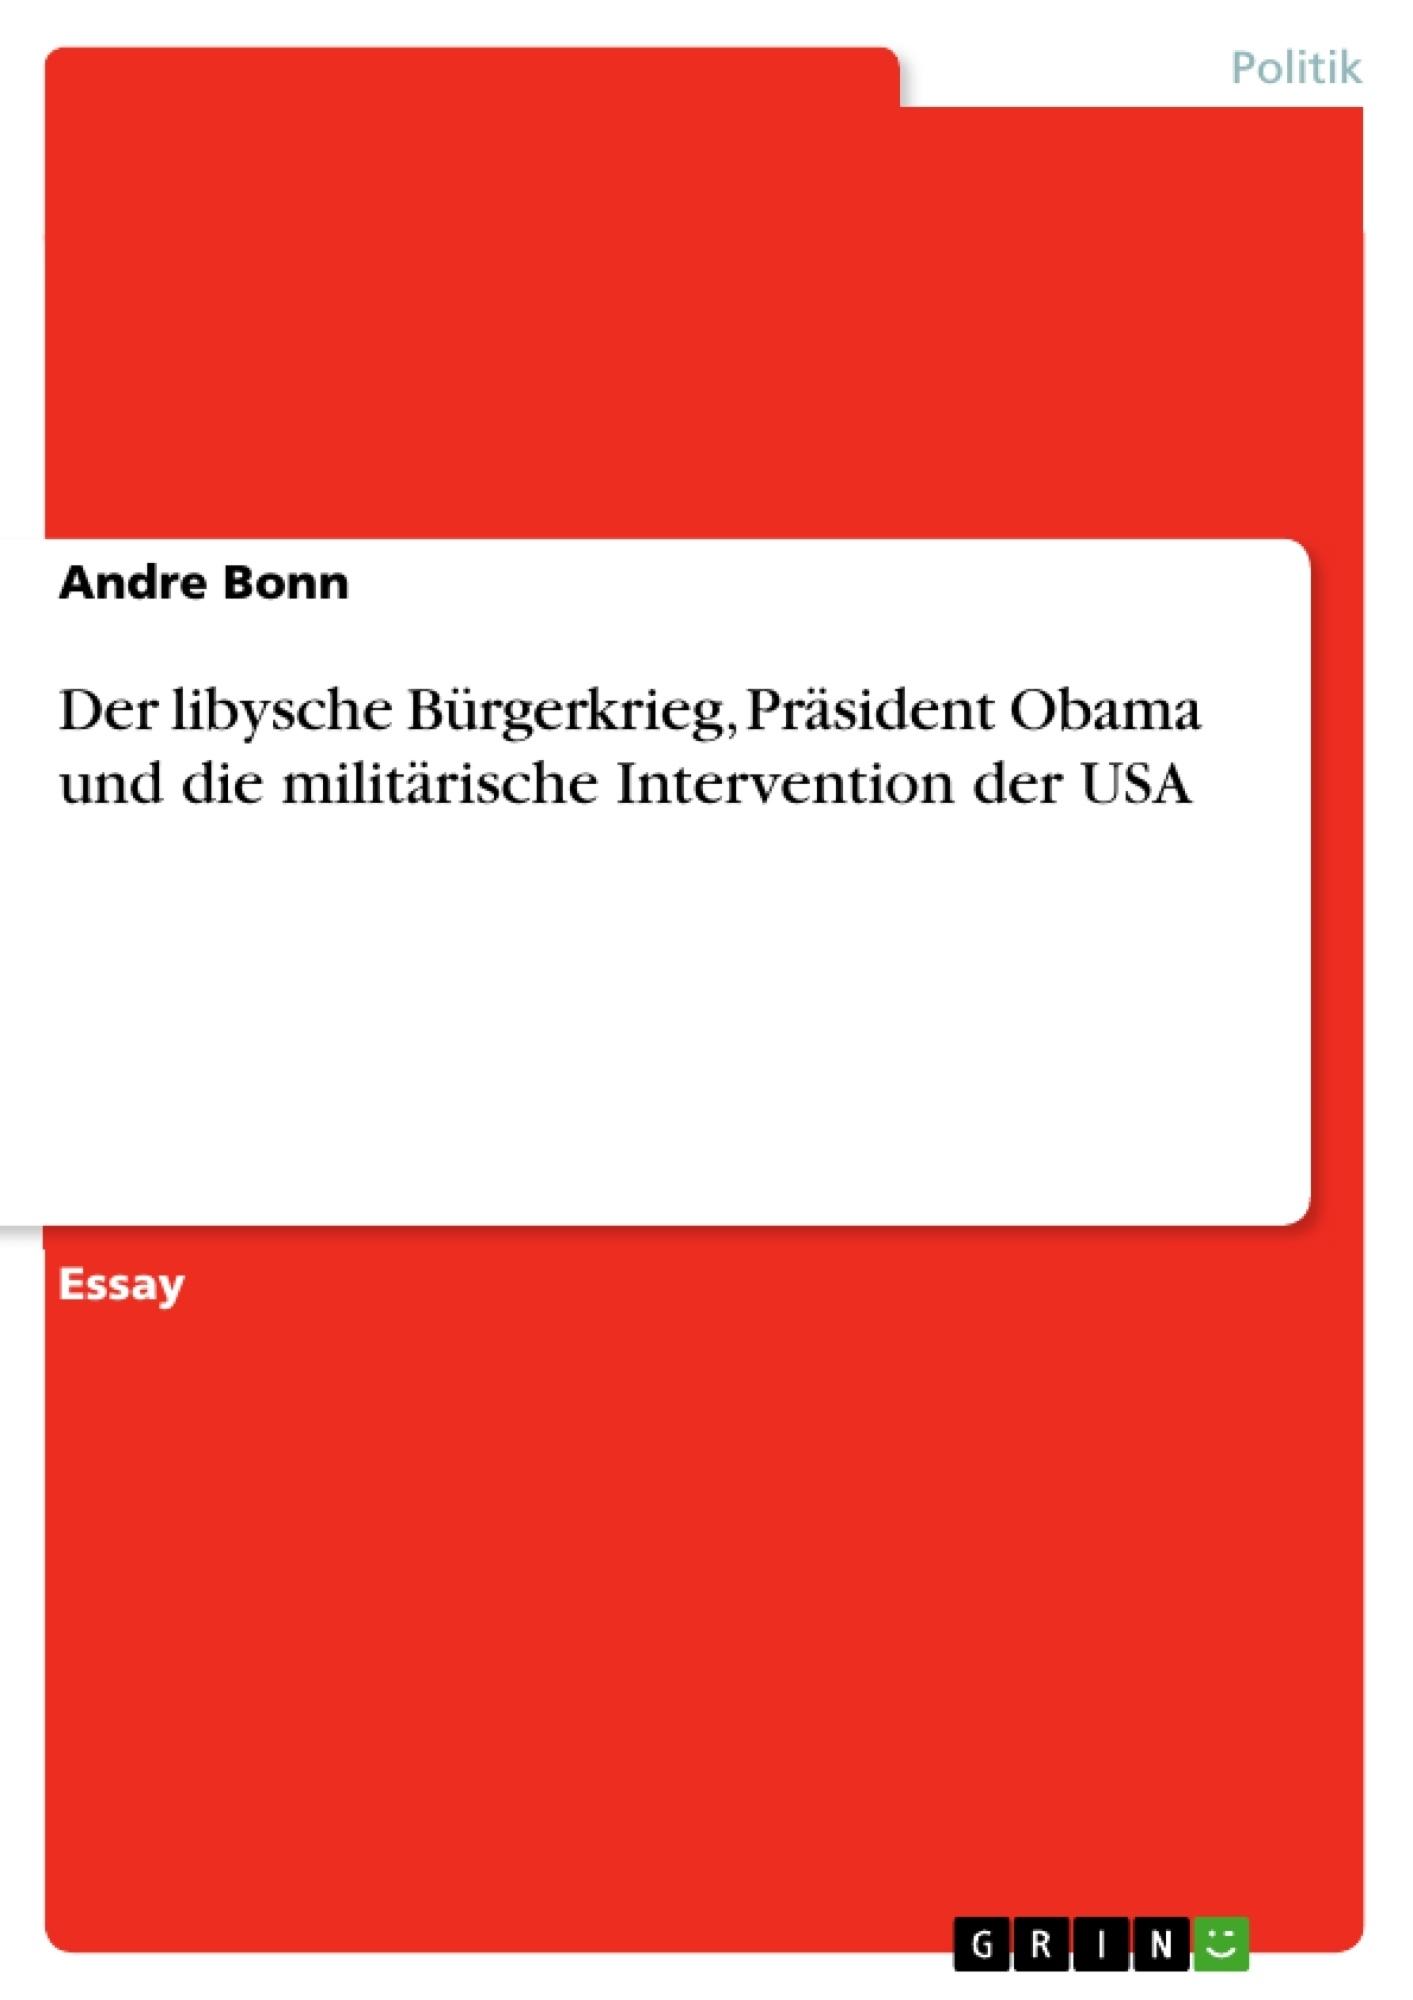 Titel: Der libysche Bürgerkrieg, Präsident Obama und die militärische Intervention der USA